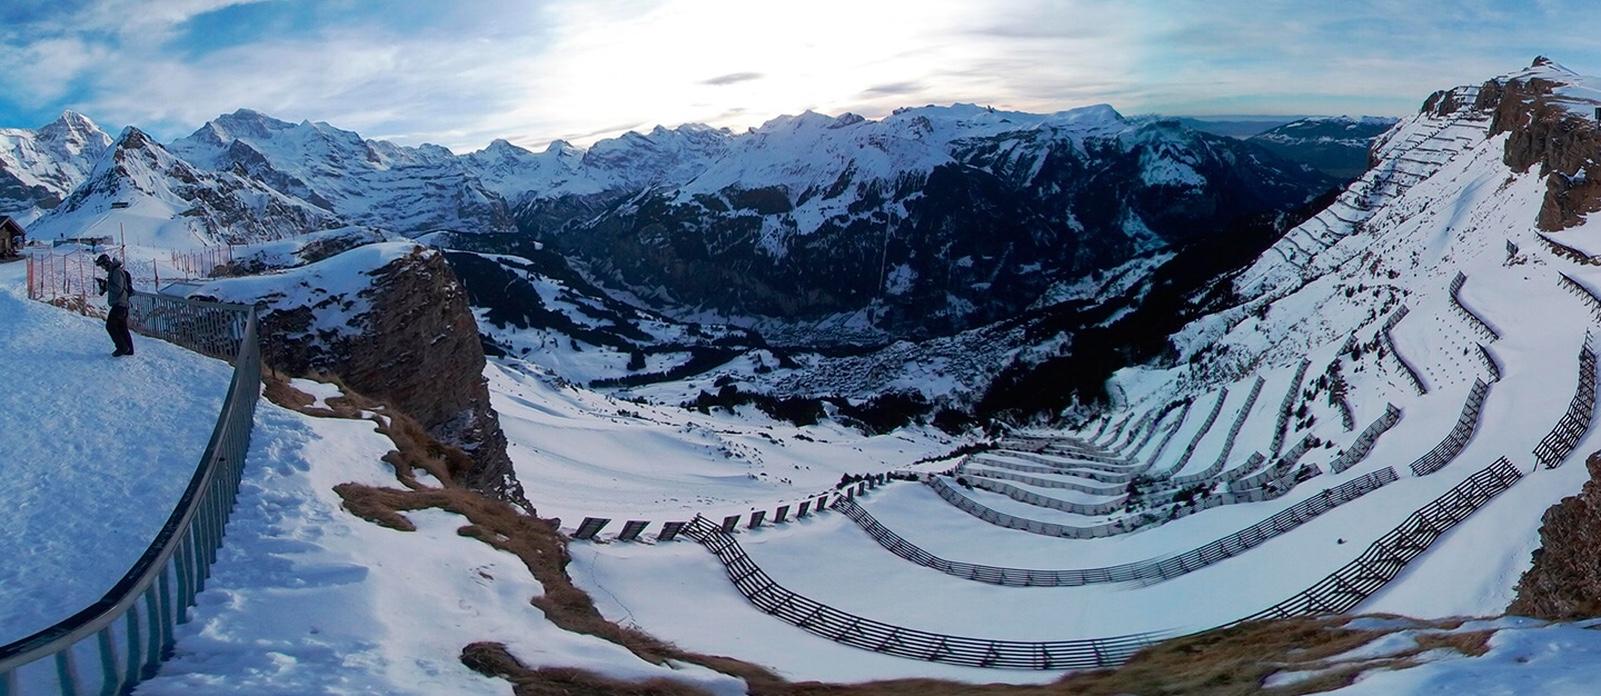 panorama 360 graden bergen met sneeuw